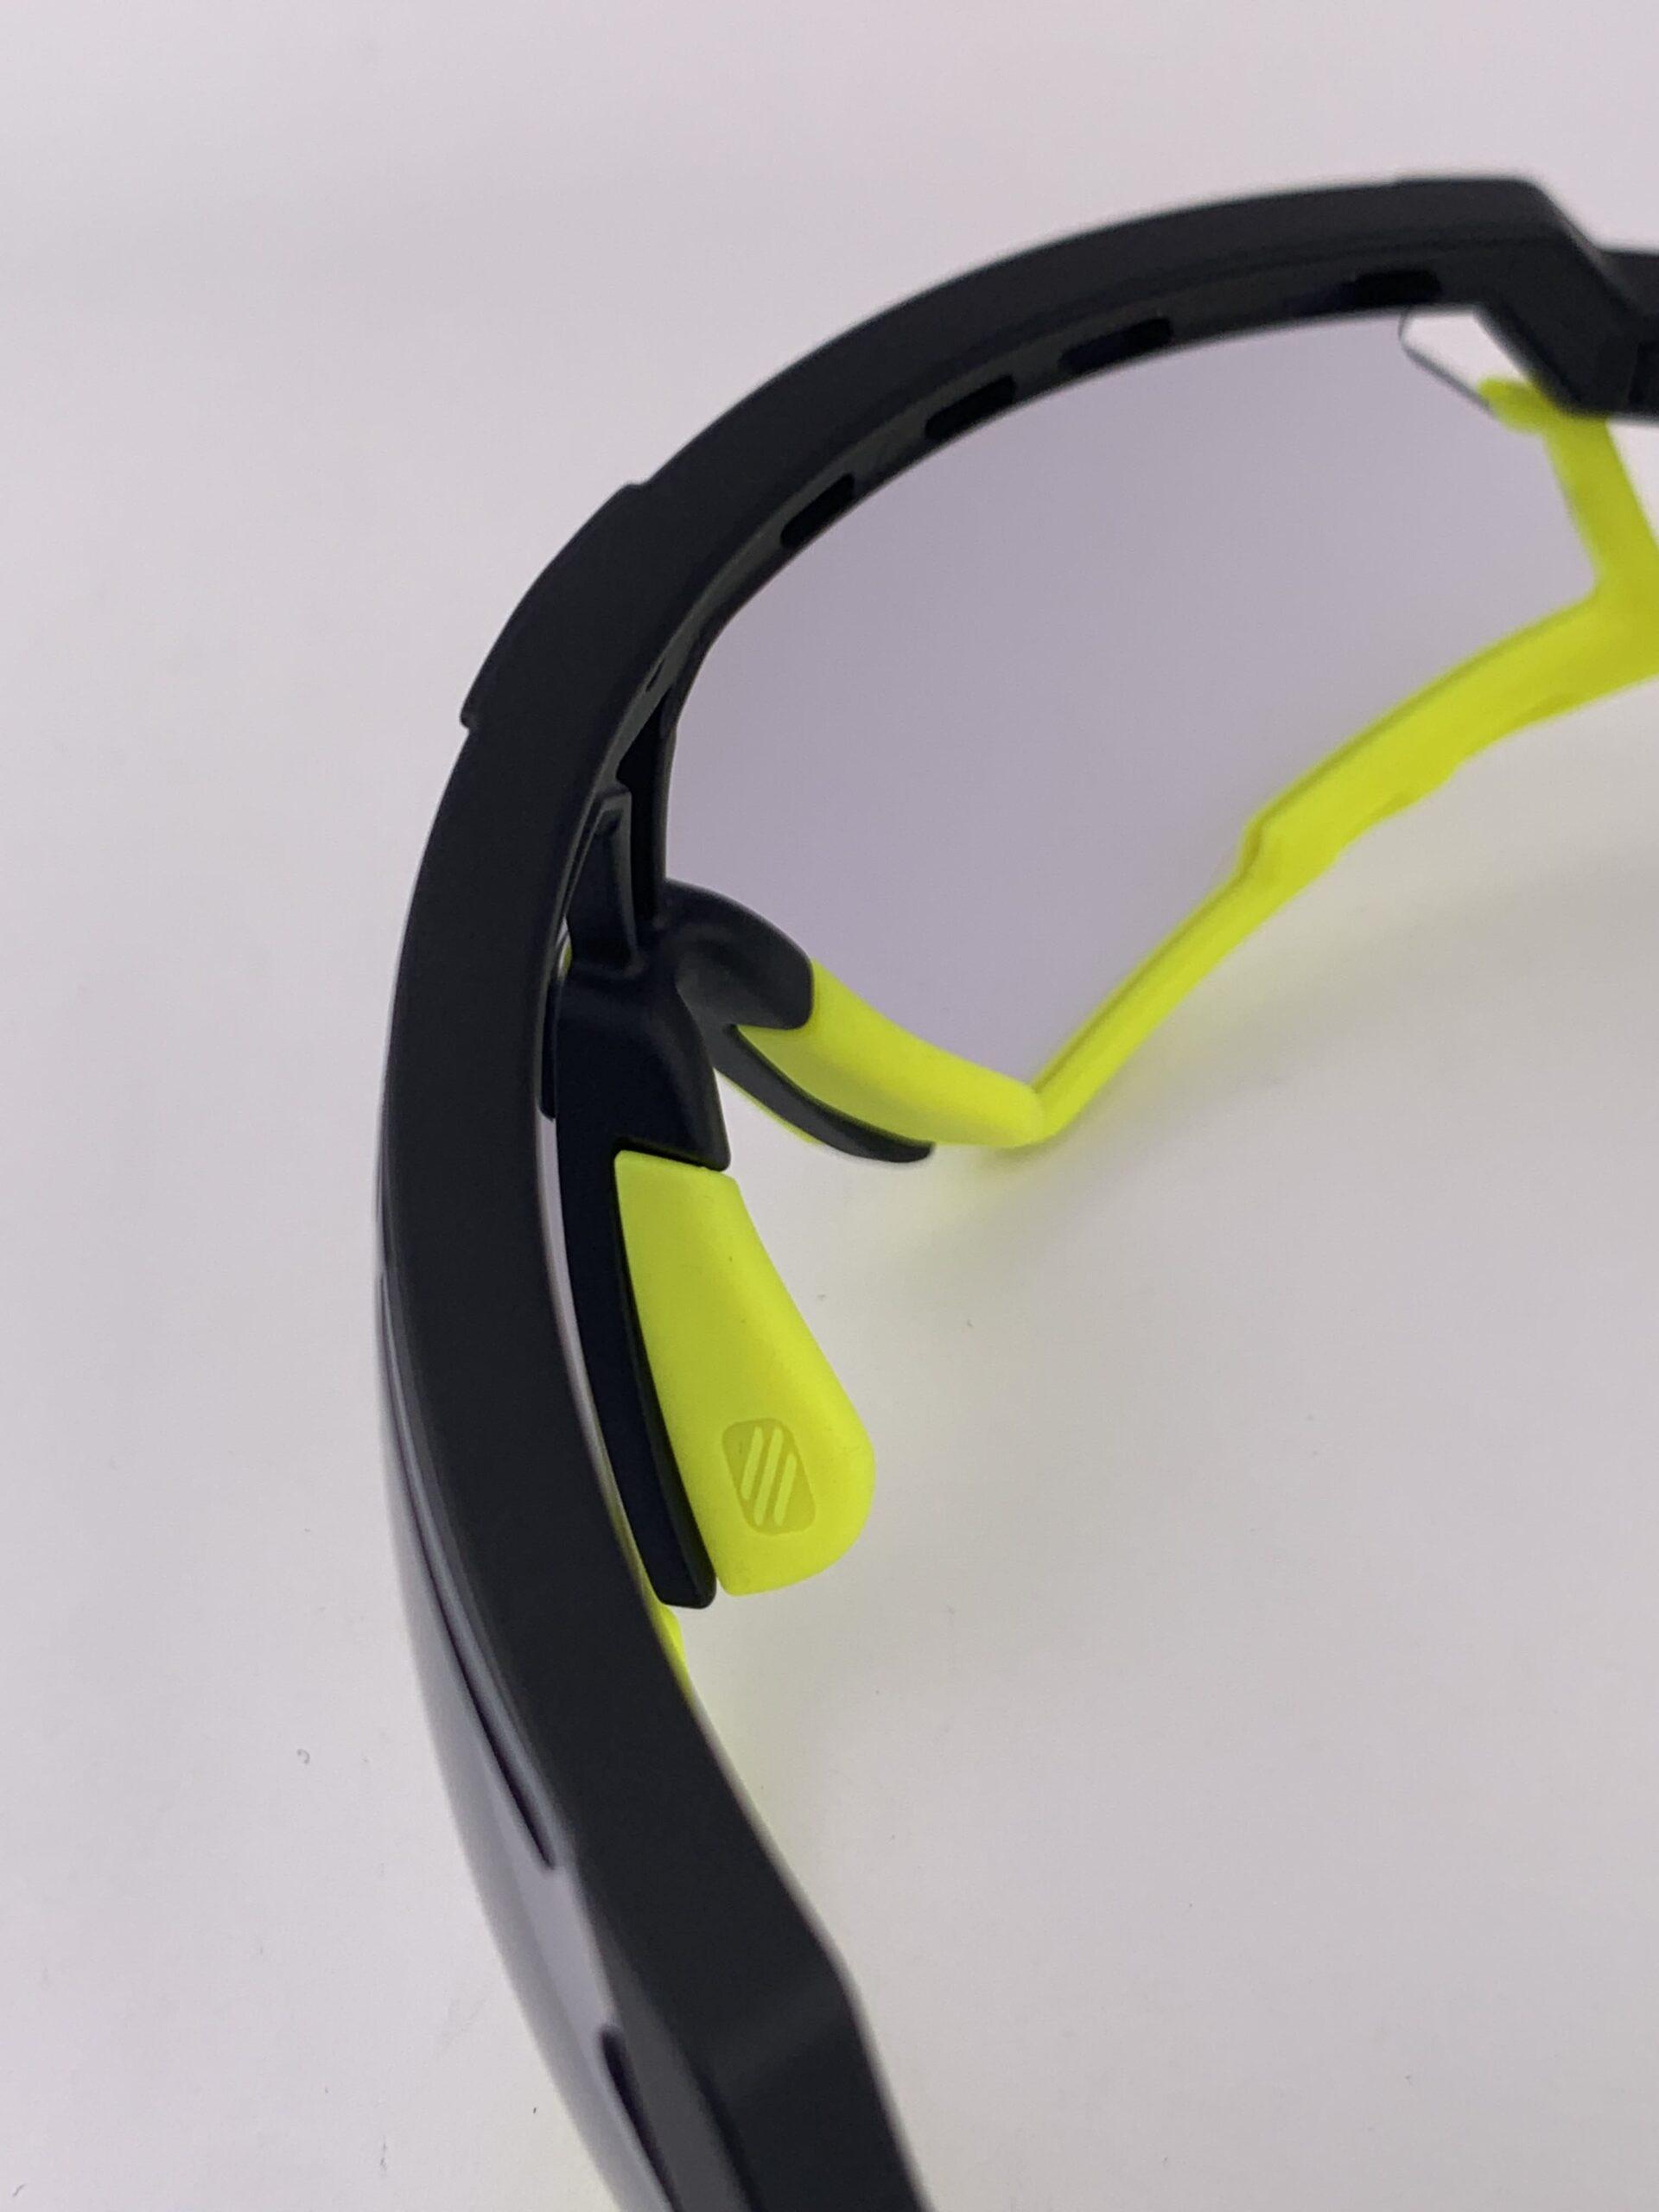 Cyklistické okuliare Defender žlté fluo zhora